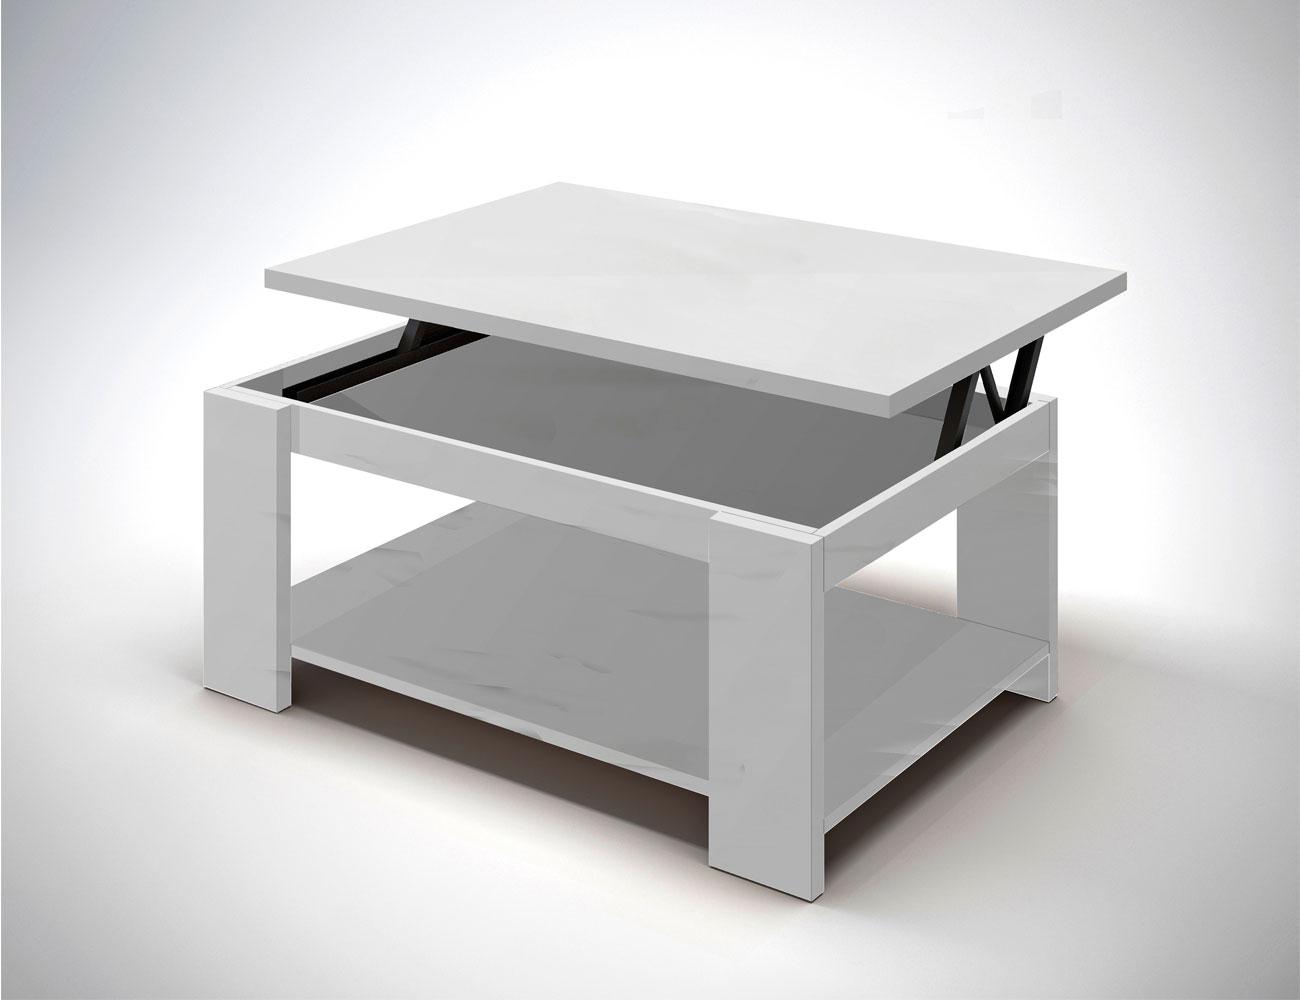 08 mesa elevable blanca